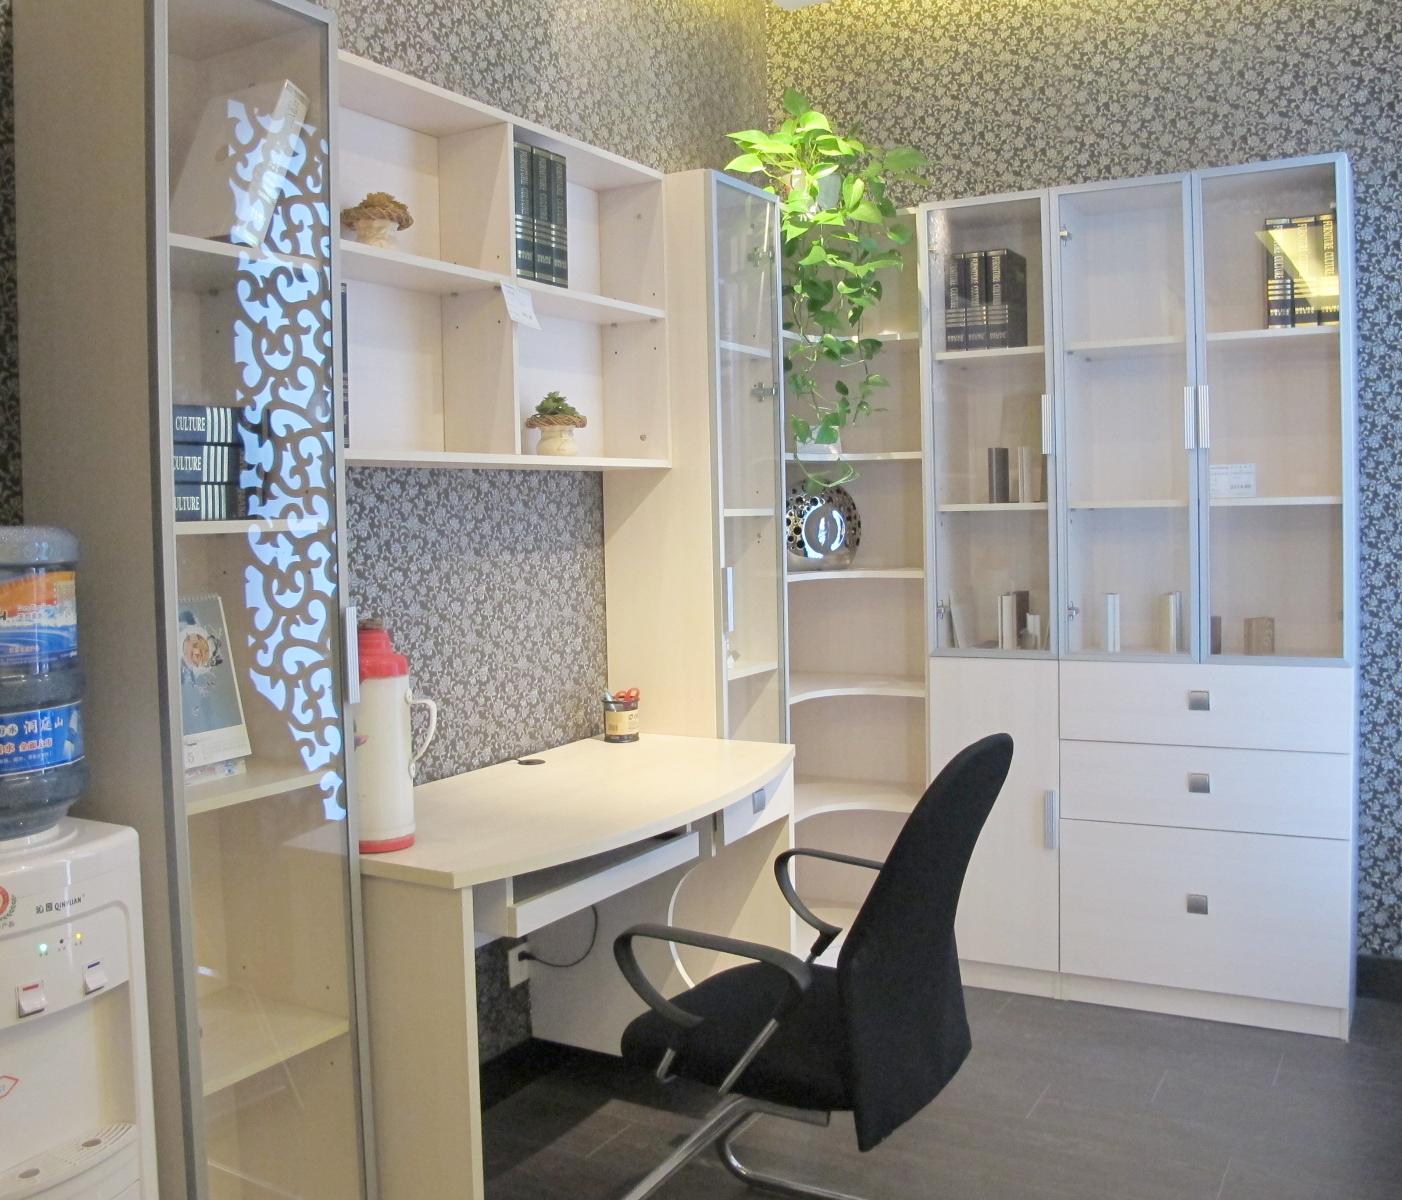 【装修风格】:日式风格 【装修户型】:两室  整体空间是由白色的墙面和木地板打造成的,主要以营造清新温暖的五口之家为设计初衷。家里使用到的搁板或家具也是木质的,符合整体空间风格,同时比较环保健康,对于有小孩的家庭来说是不二的选择。无需浓墨重彩,一点绿色植物就可以给整个空间源源活力。  厨房是半开放式的,平时一家人吃饭用厨房这的L型小餐桌即可,圆润的流线感给稍显单调的空间增加了灵动性。拐角处的空间没有被浪费,放上两个藤编的收纳篮,就开辟出了收纳空间,如果可以做上柜门的话,视觉效果也许会更好。  为了完整地塑